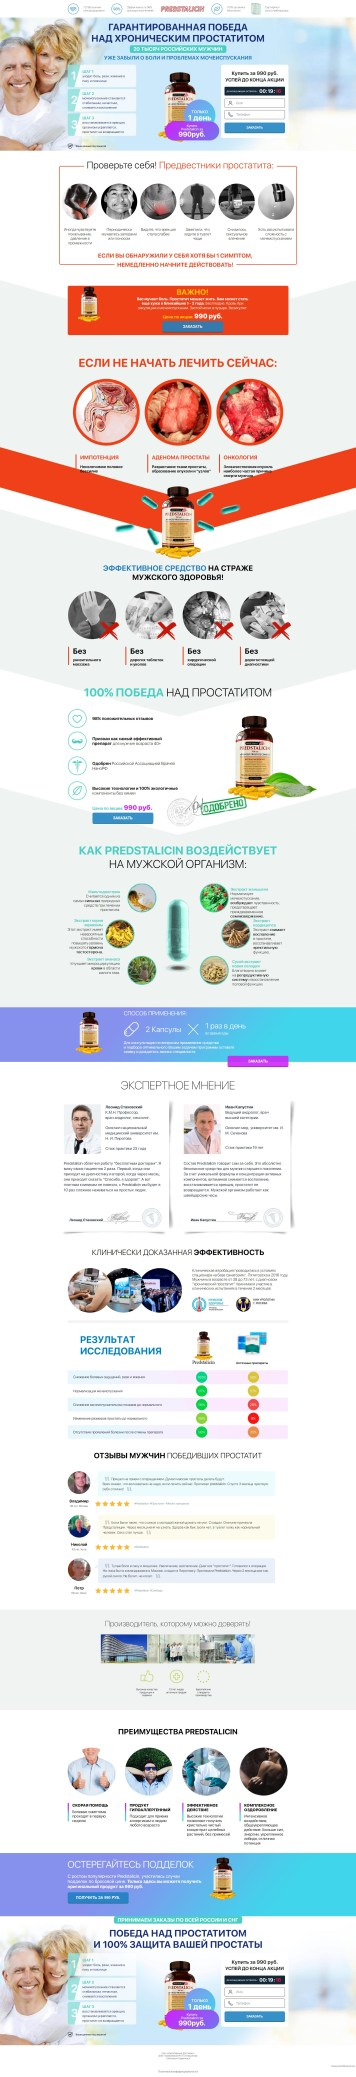 Как победить простатит. простодин — эффективный, натуральный препарат для мужчин всех возрастов